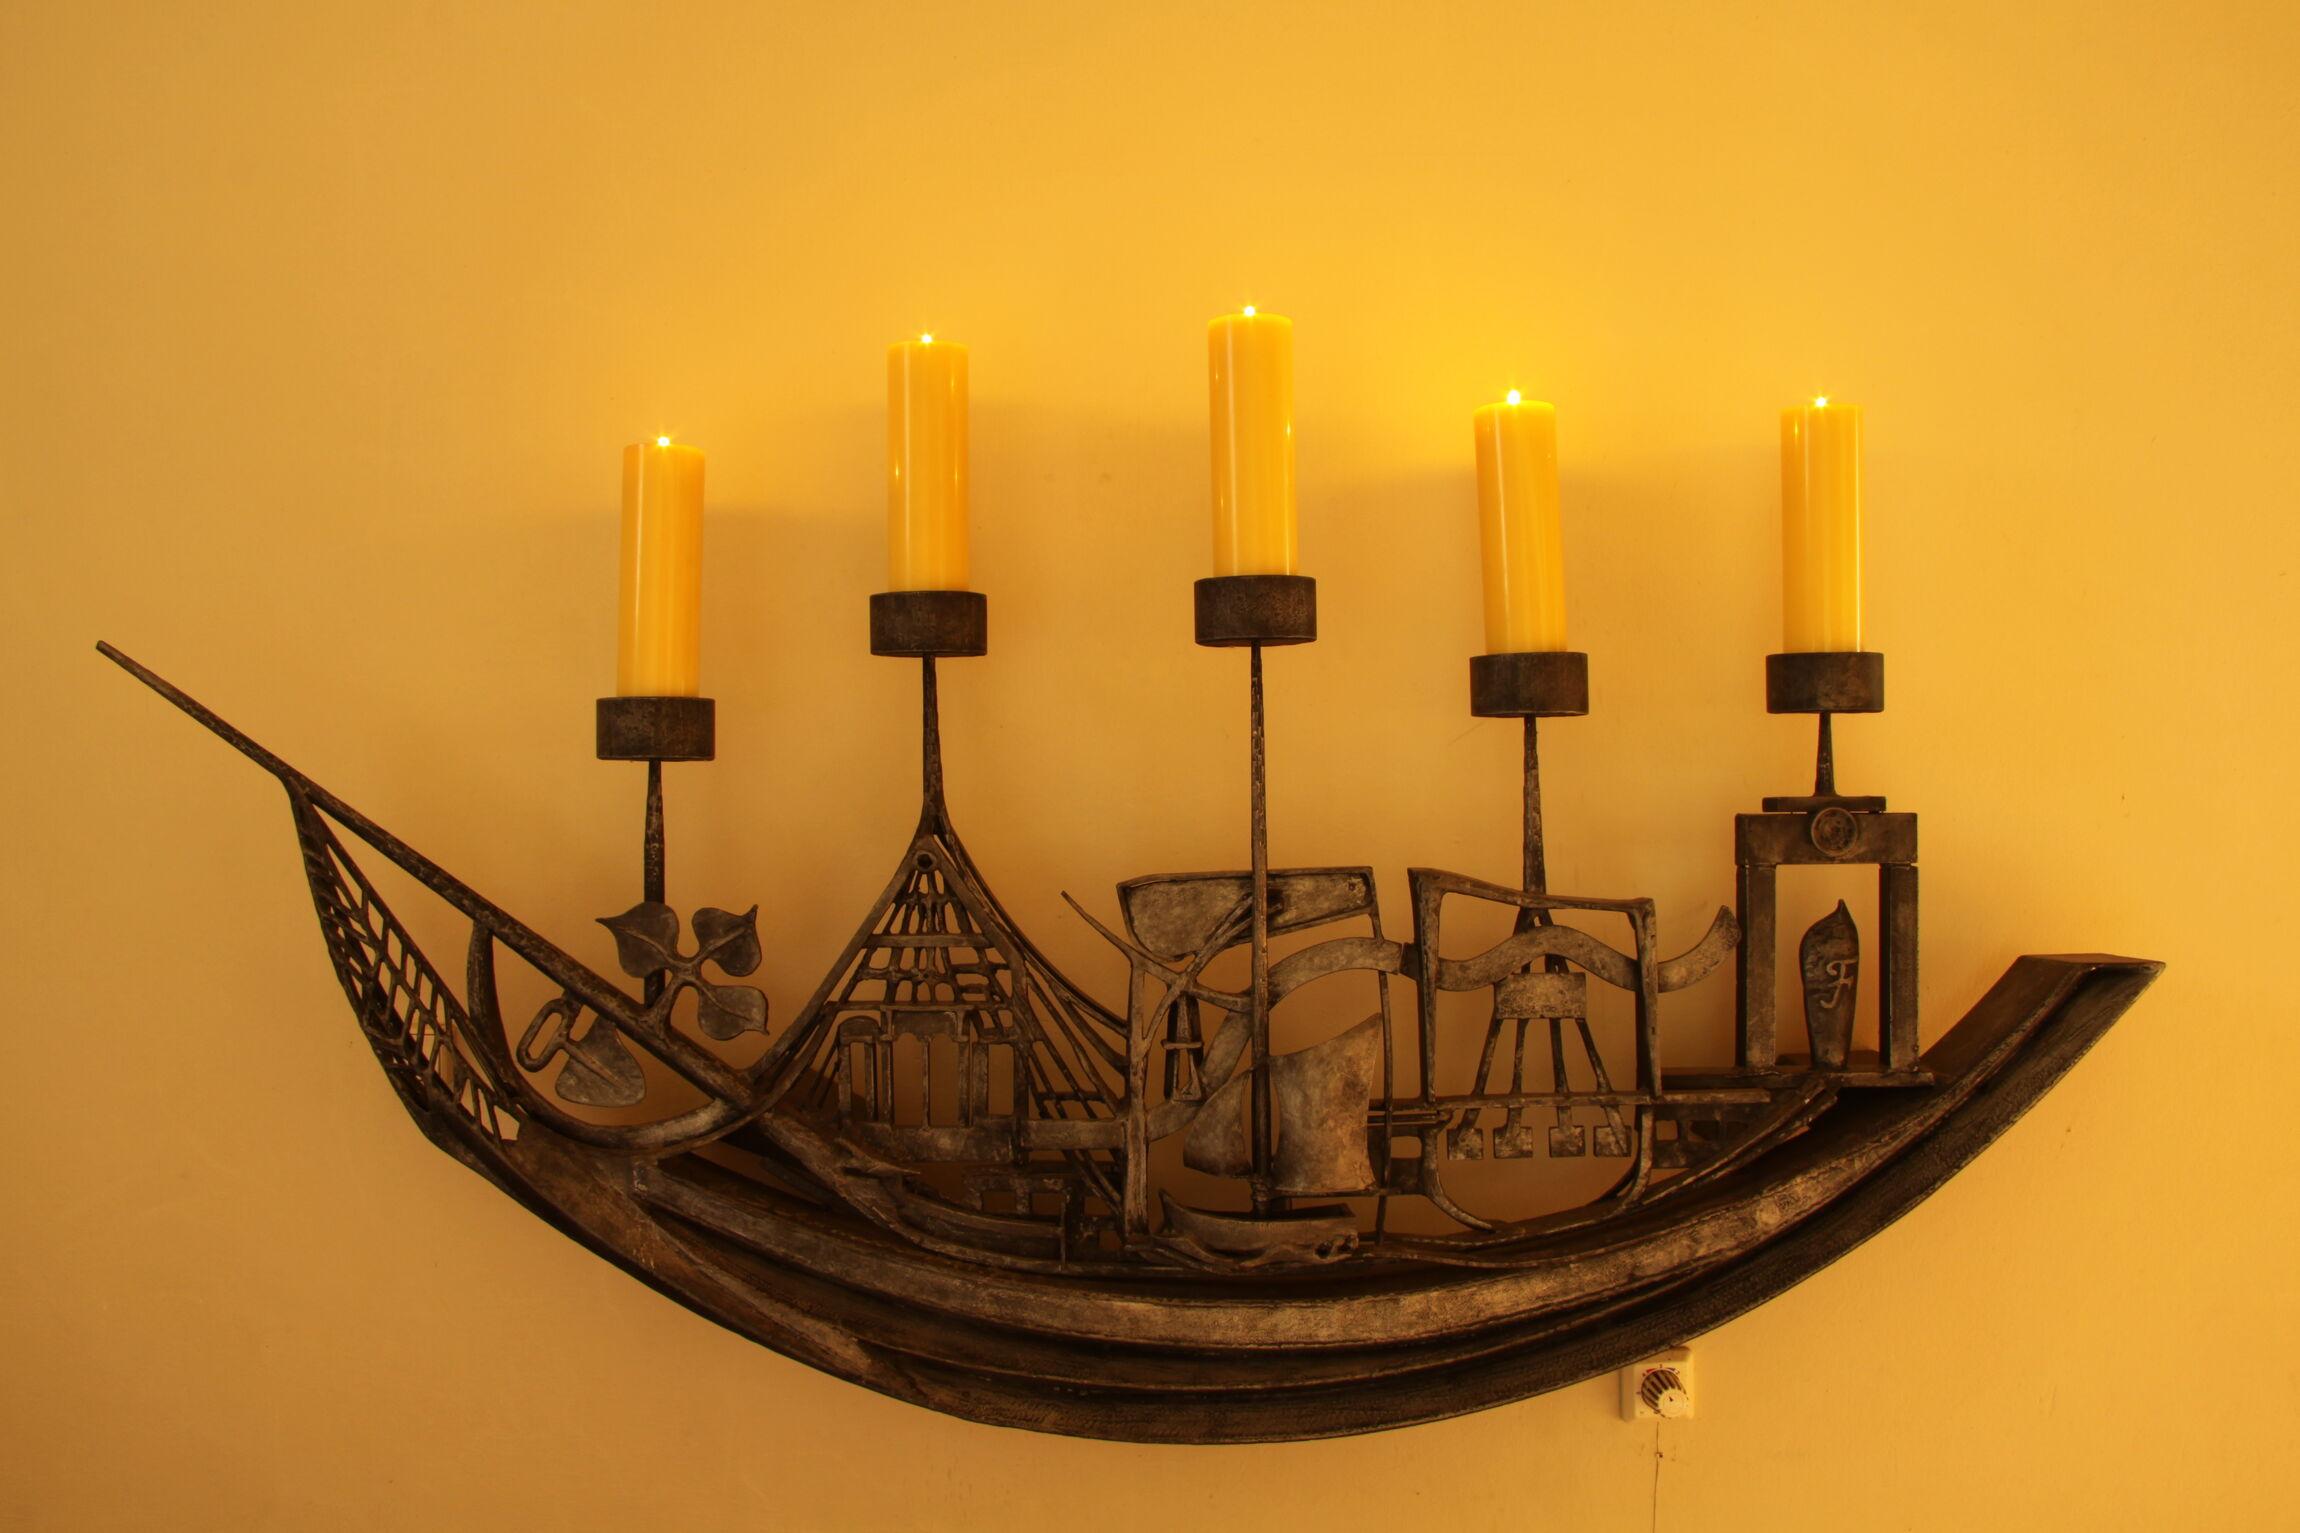 Das Schiff mit fünf Kerzen stellt die fünf Ortschaften der Kirchengemeinde dar.